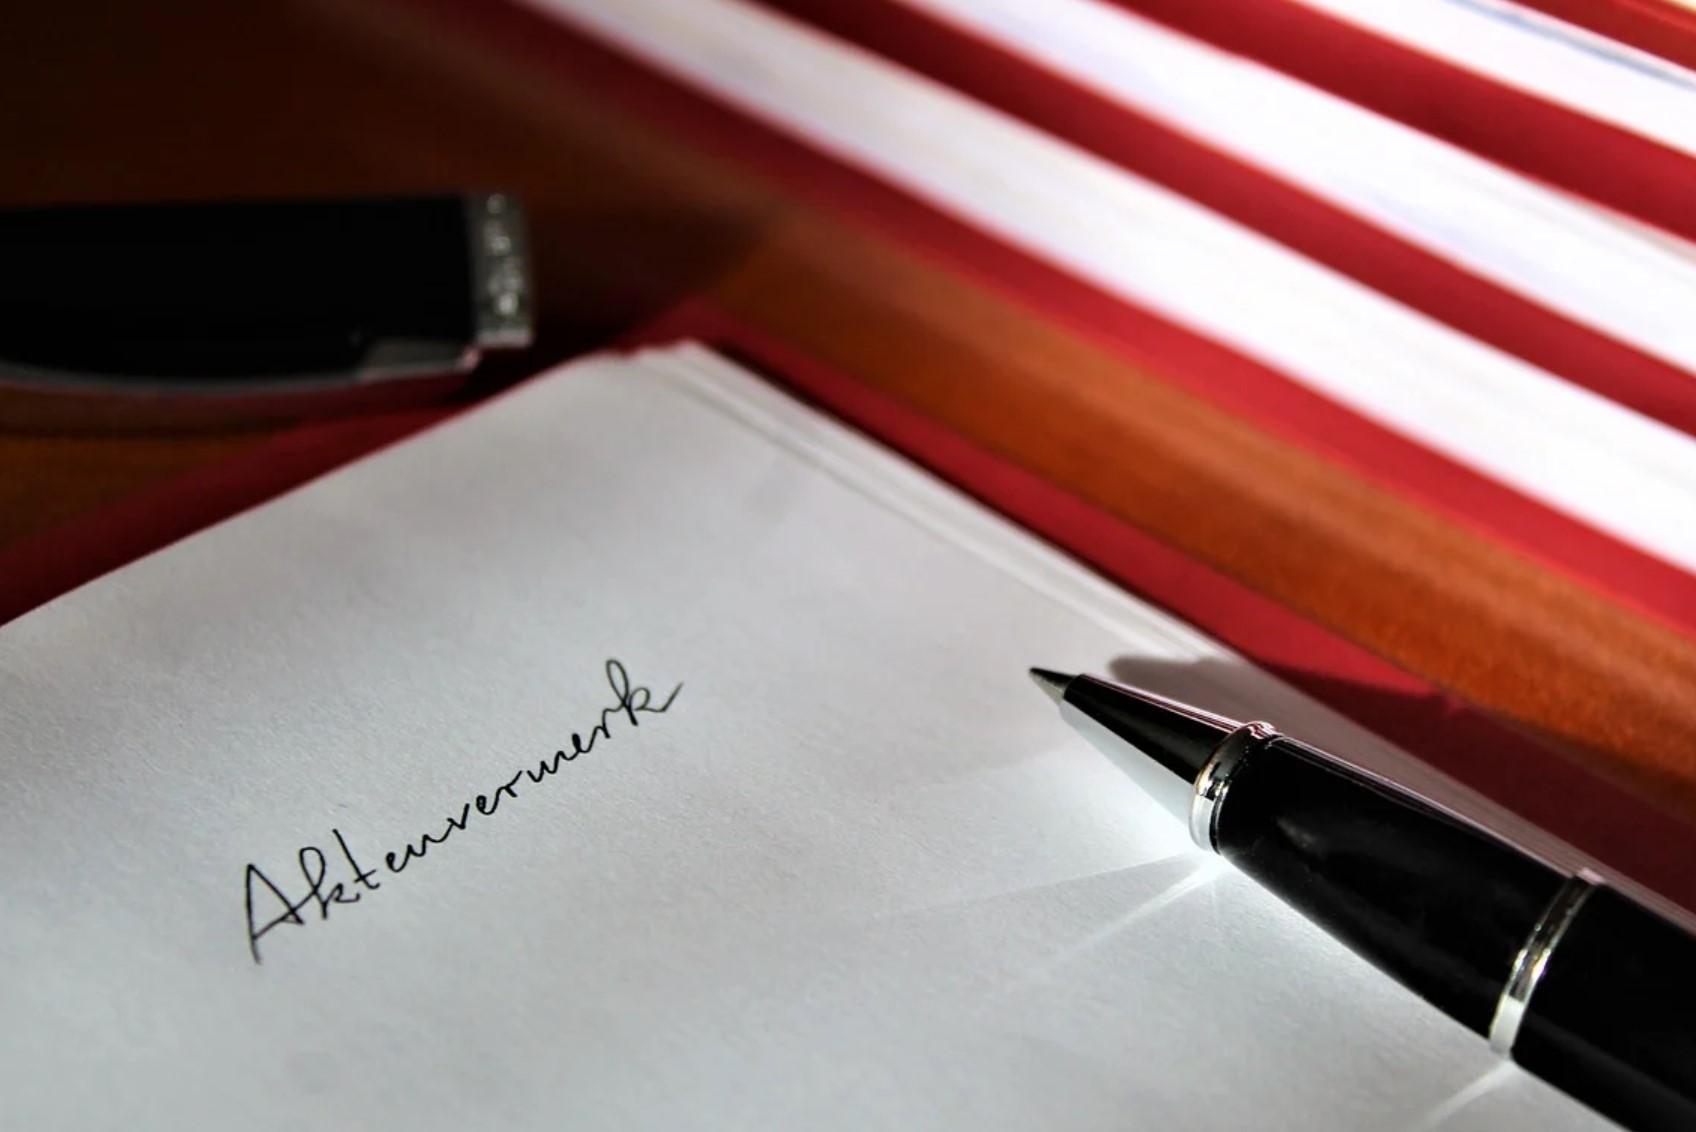 Der Mediahaus Verlag aus Düsseldorf: BGH gibt ihm Recht